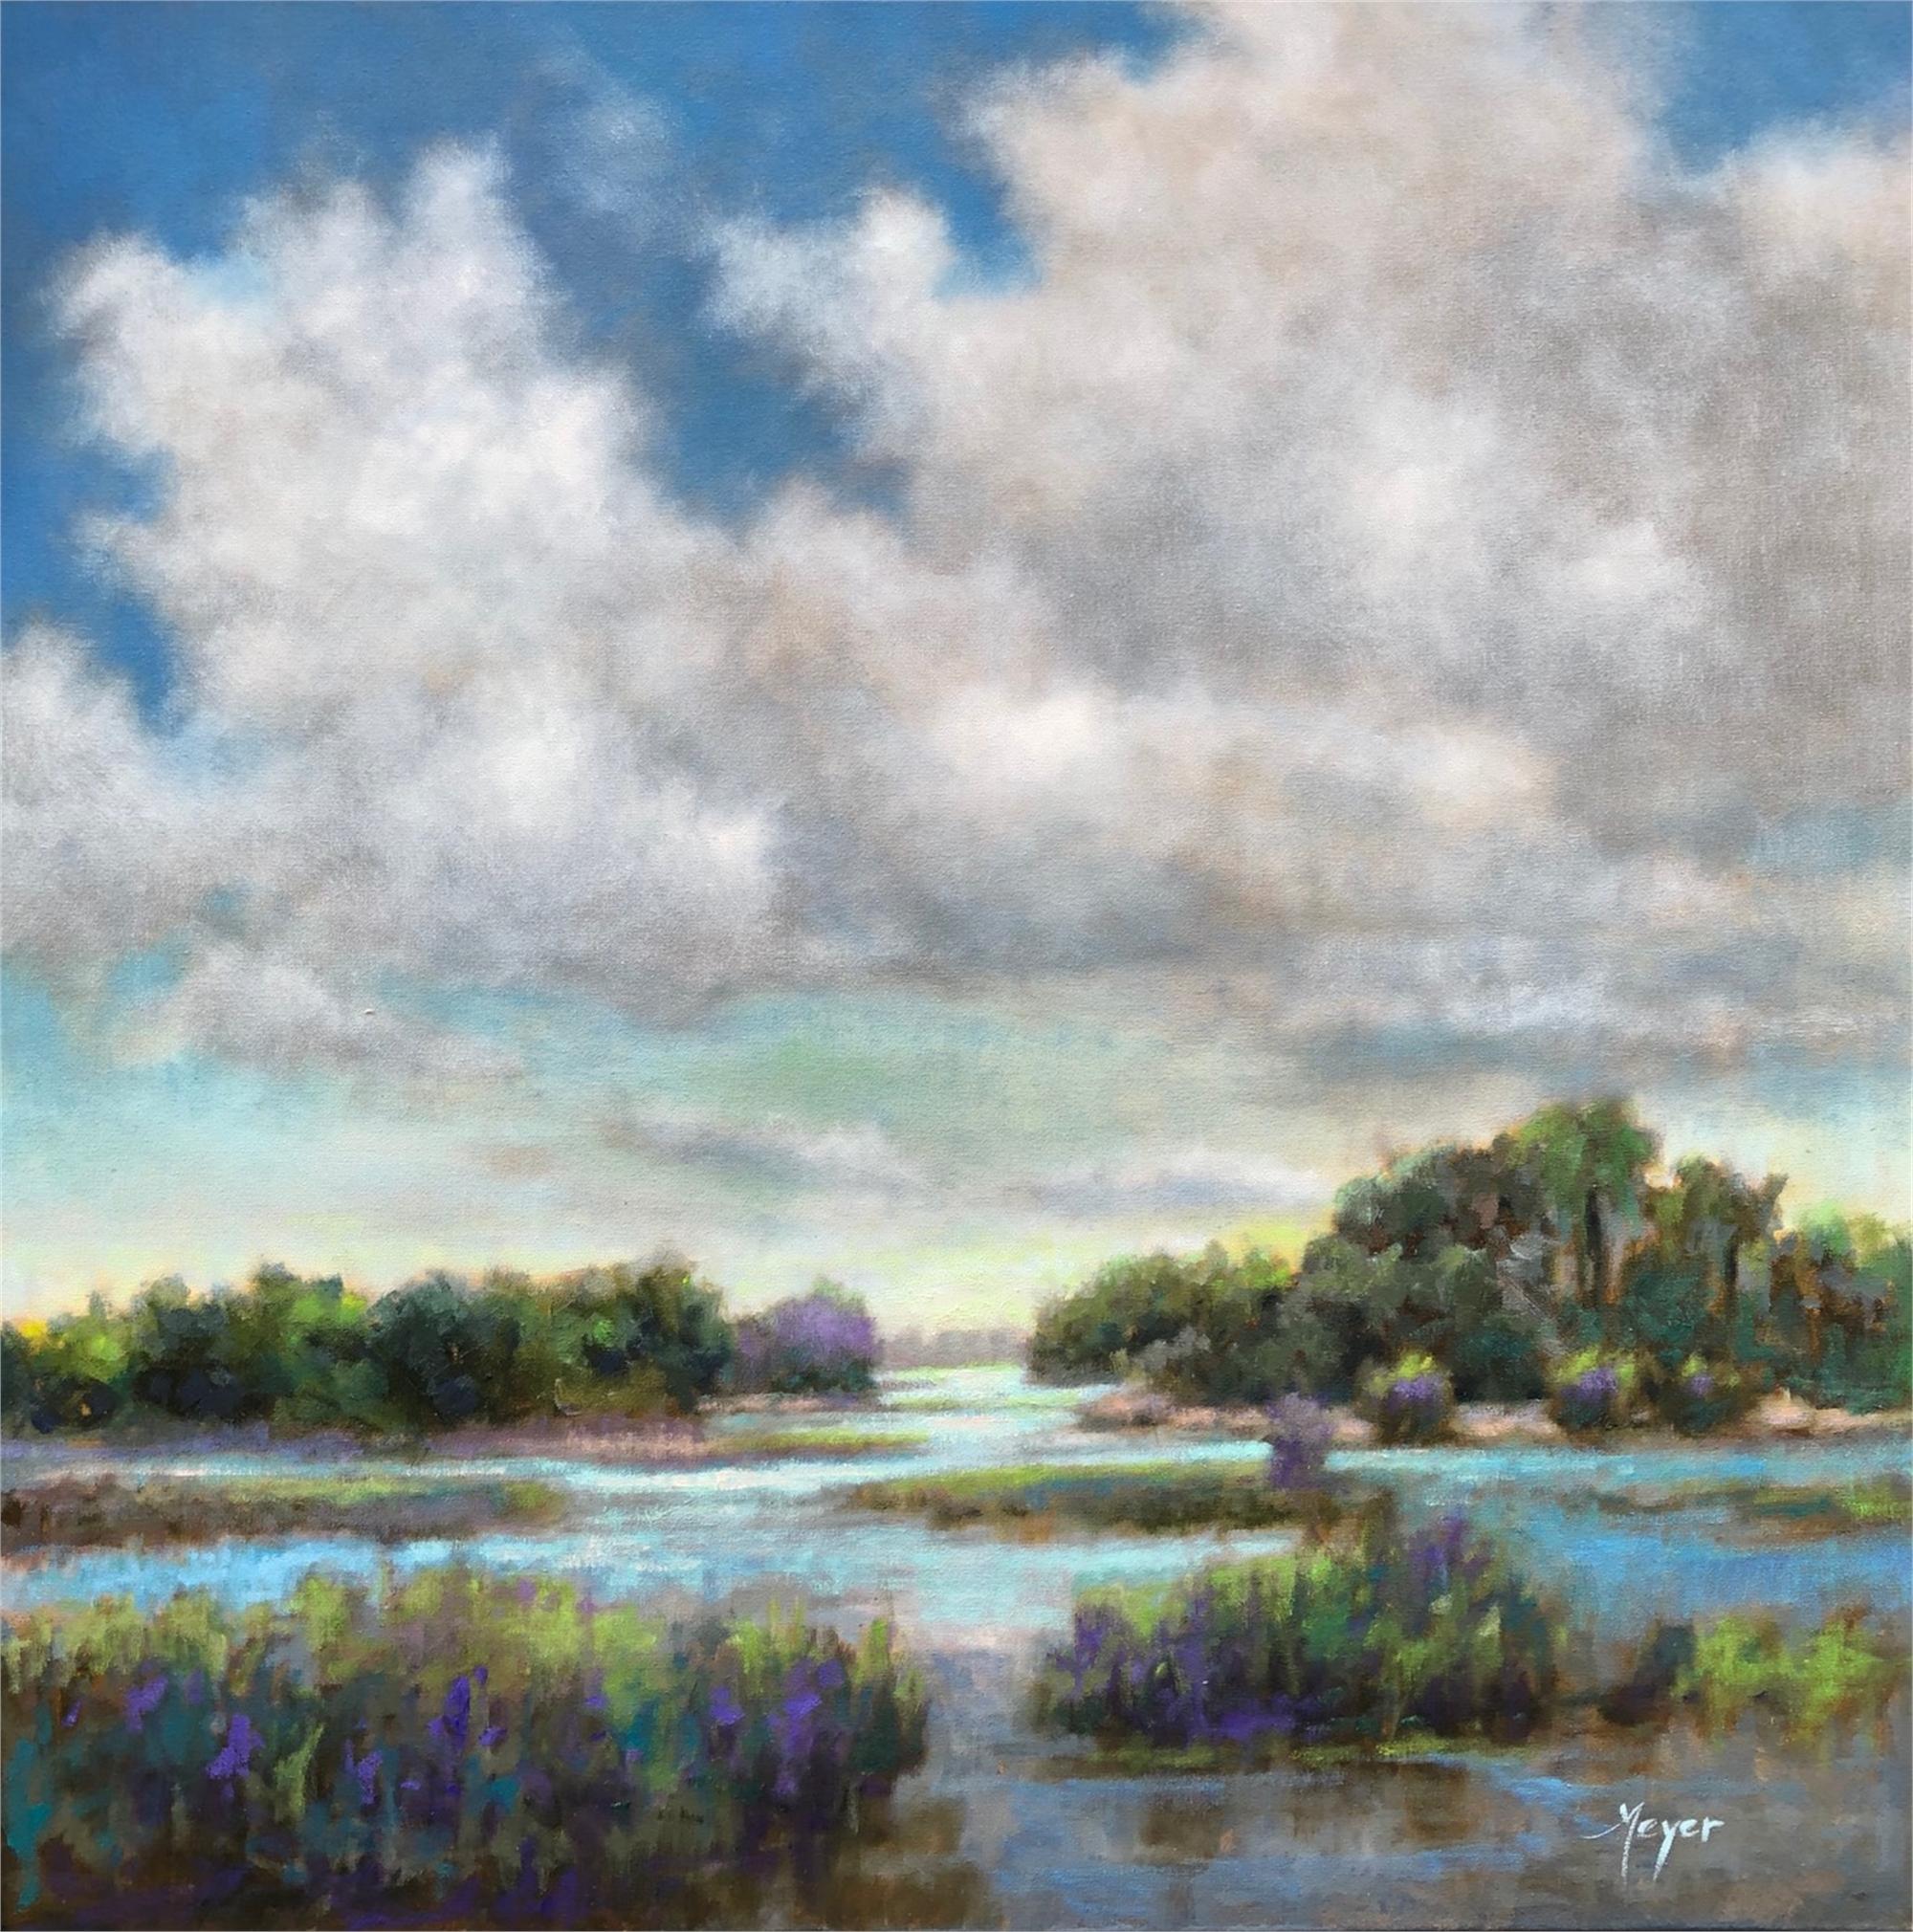 Increasing Clouds, II by Laurie Meyer